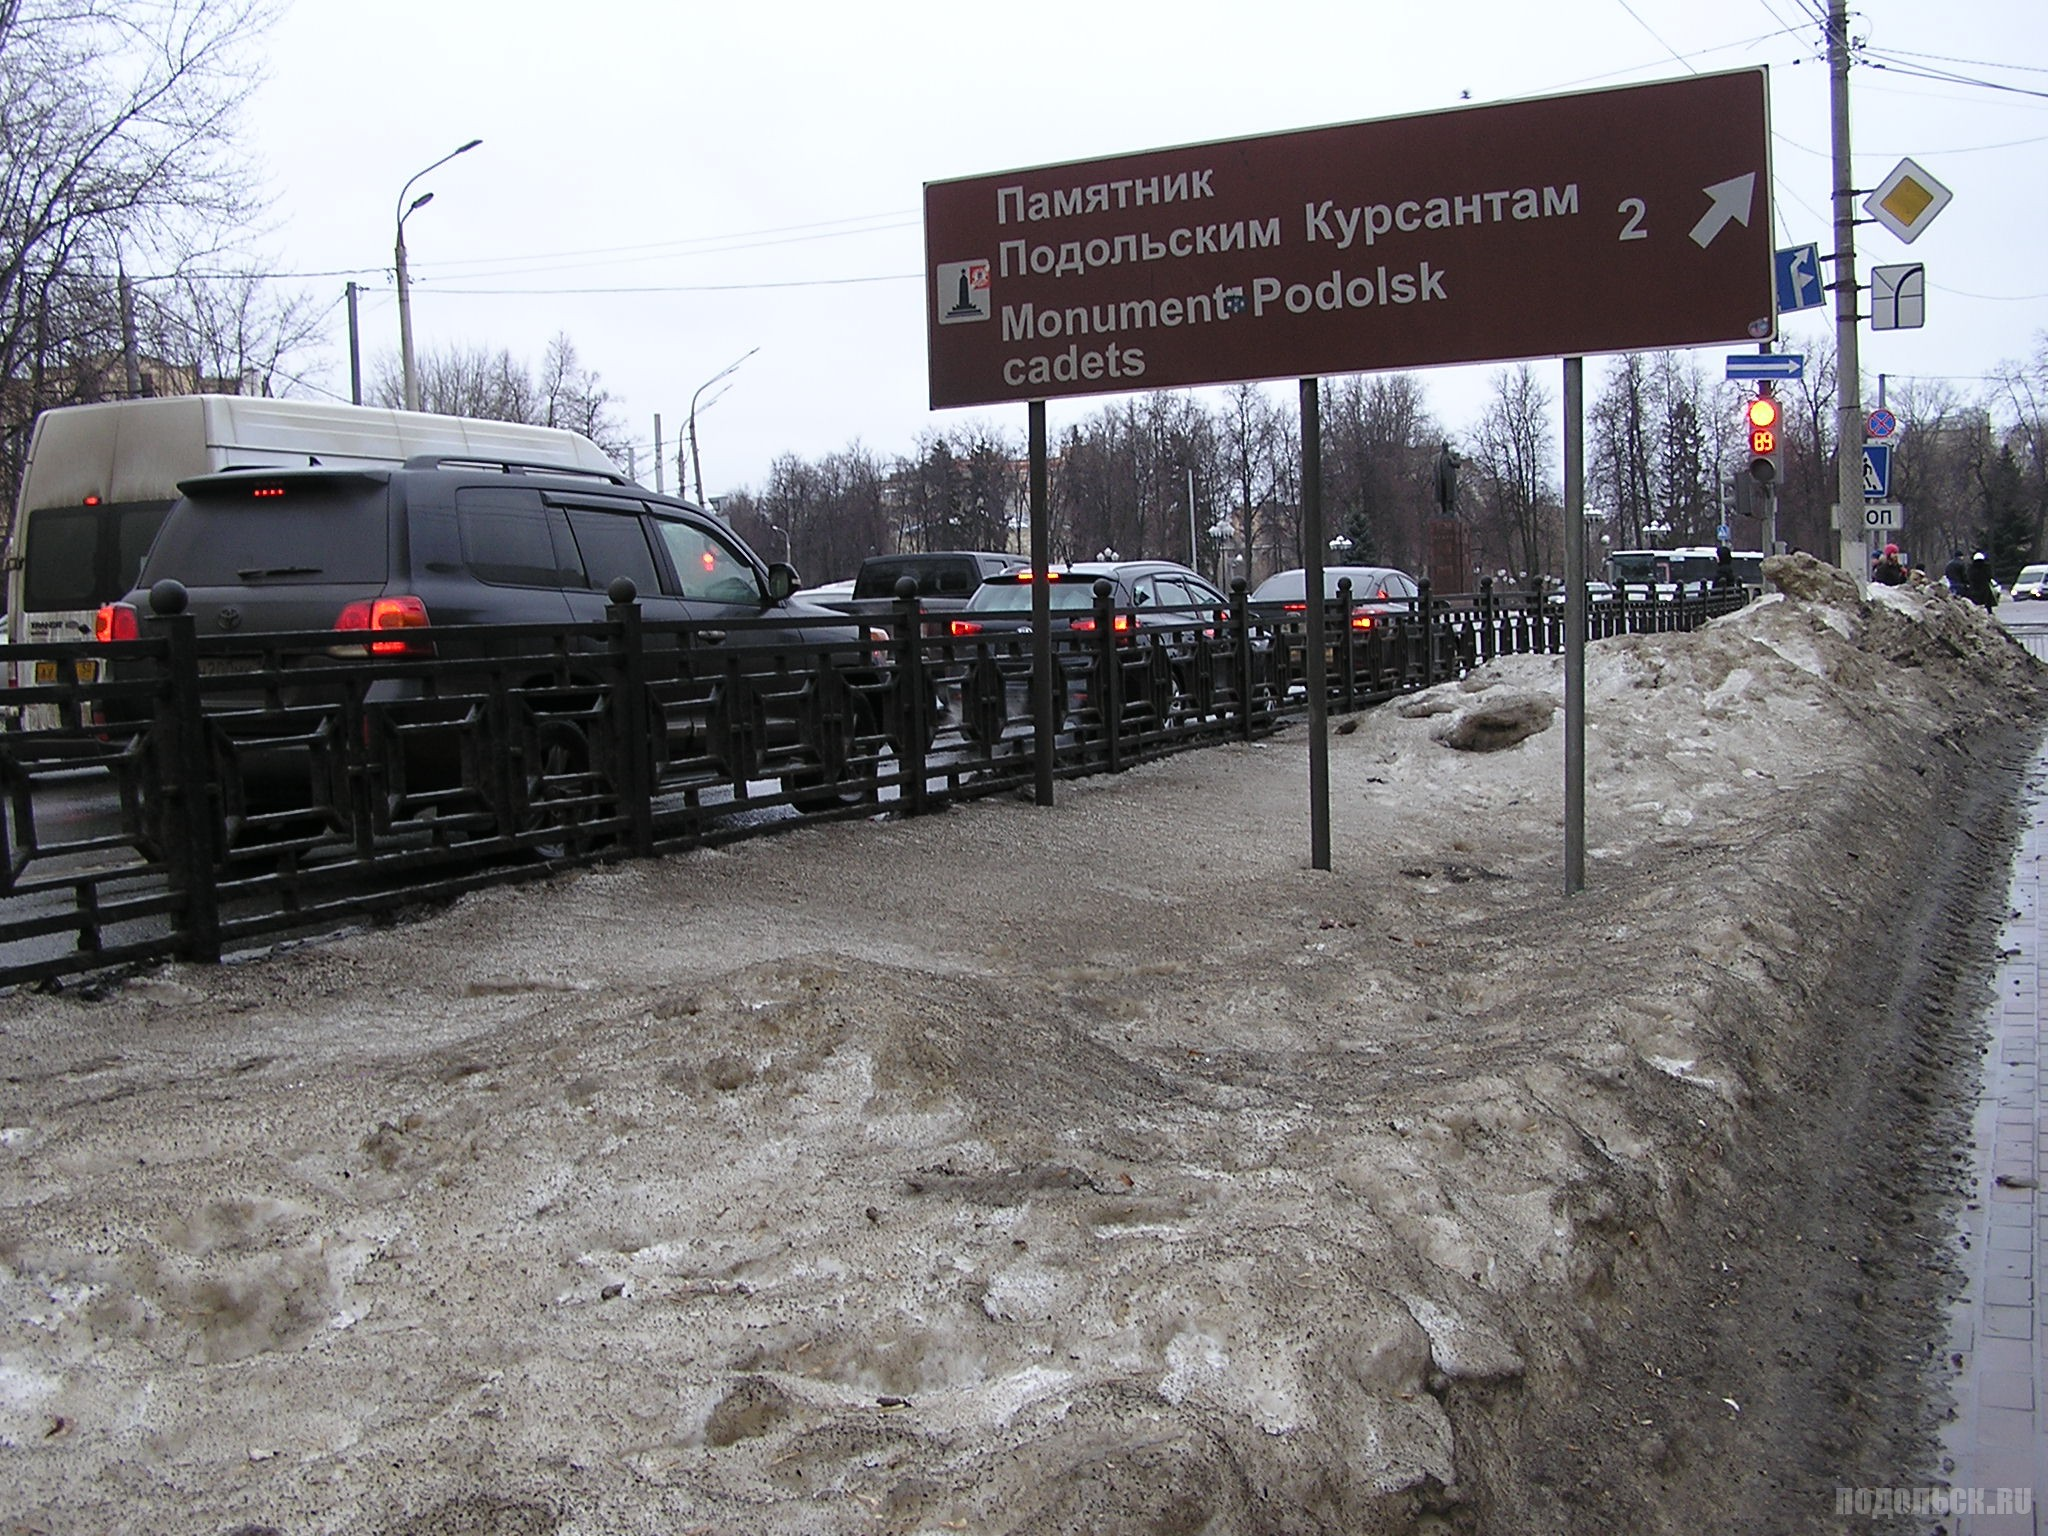 Указатель на памятник Подольским курсантам. 18 февраля 2017 г.